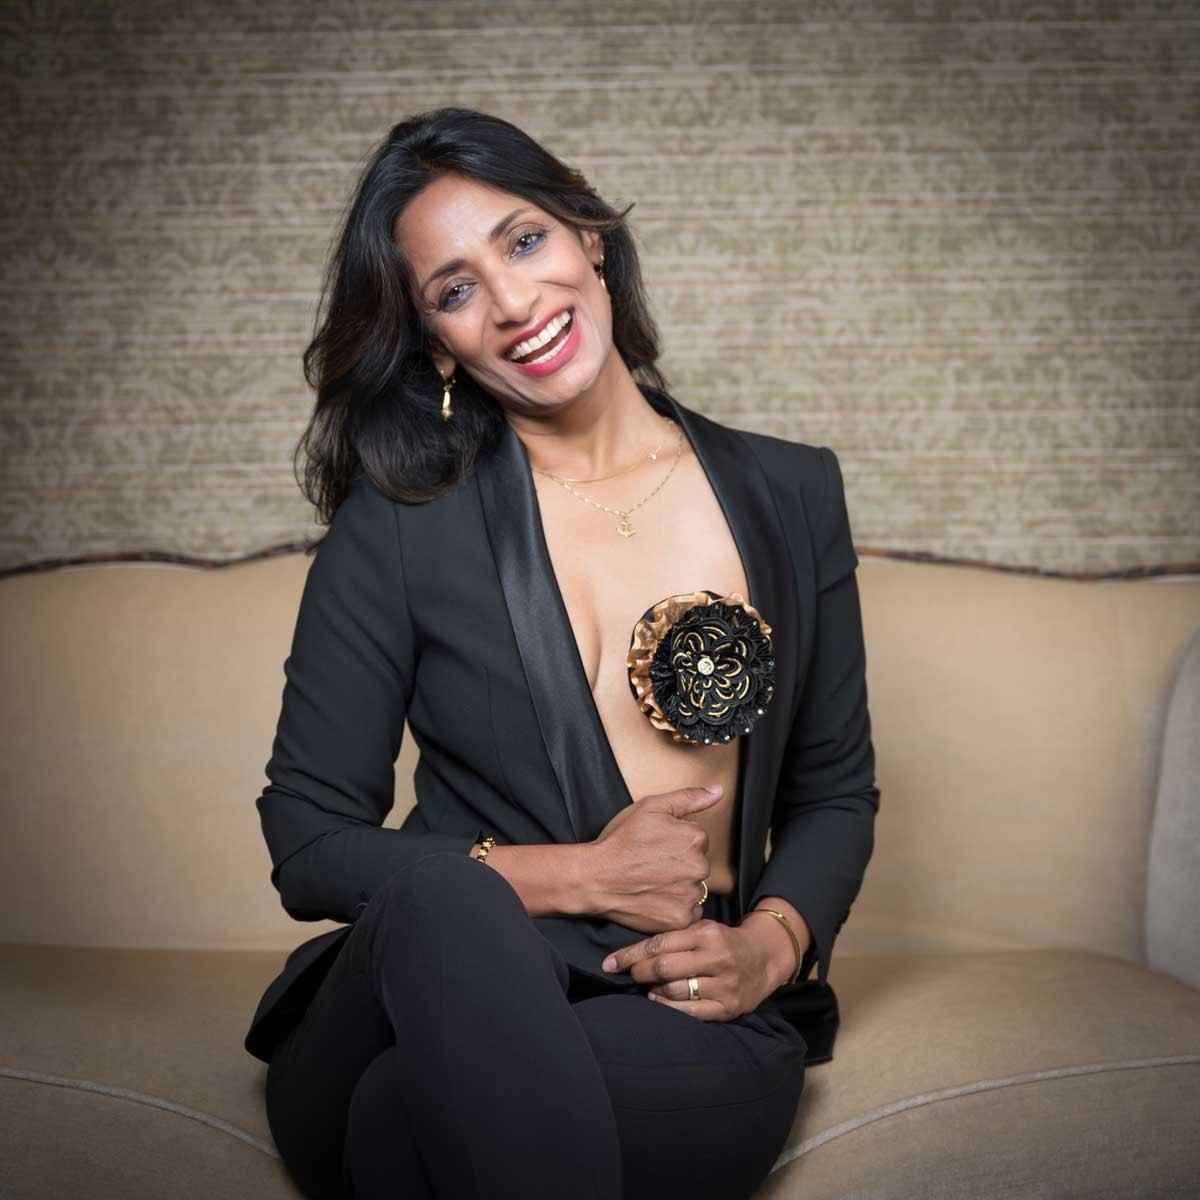 Kamroen Farzan lanceert Breastflower: Een borstjuweel voor vrouwen met een borstamputatie